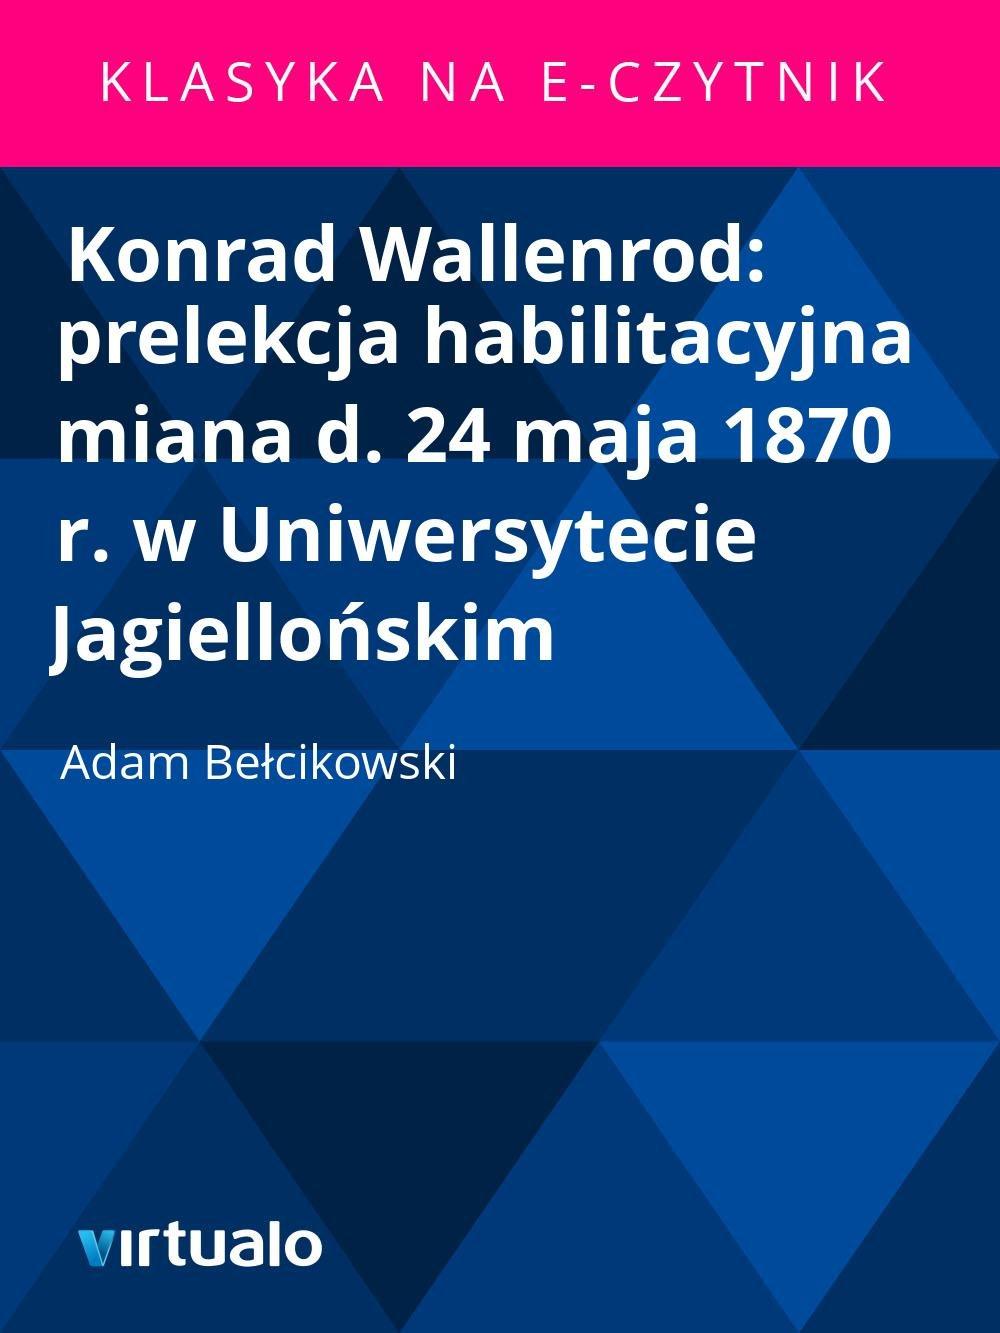 Konrad Wallenrod: prelekcja habilitacyjna miana d. 24 maja 1870 r. wUniwersytecie Jagiellońskim - Ebook (Książka EPUB) do pobrania w formacie EPUB